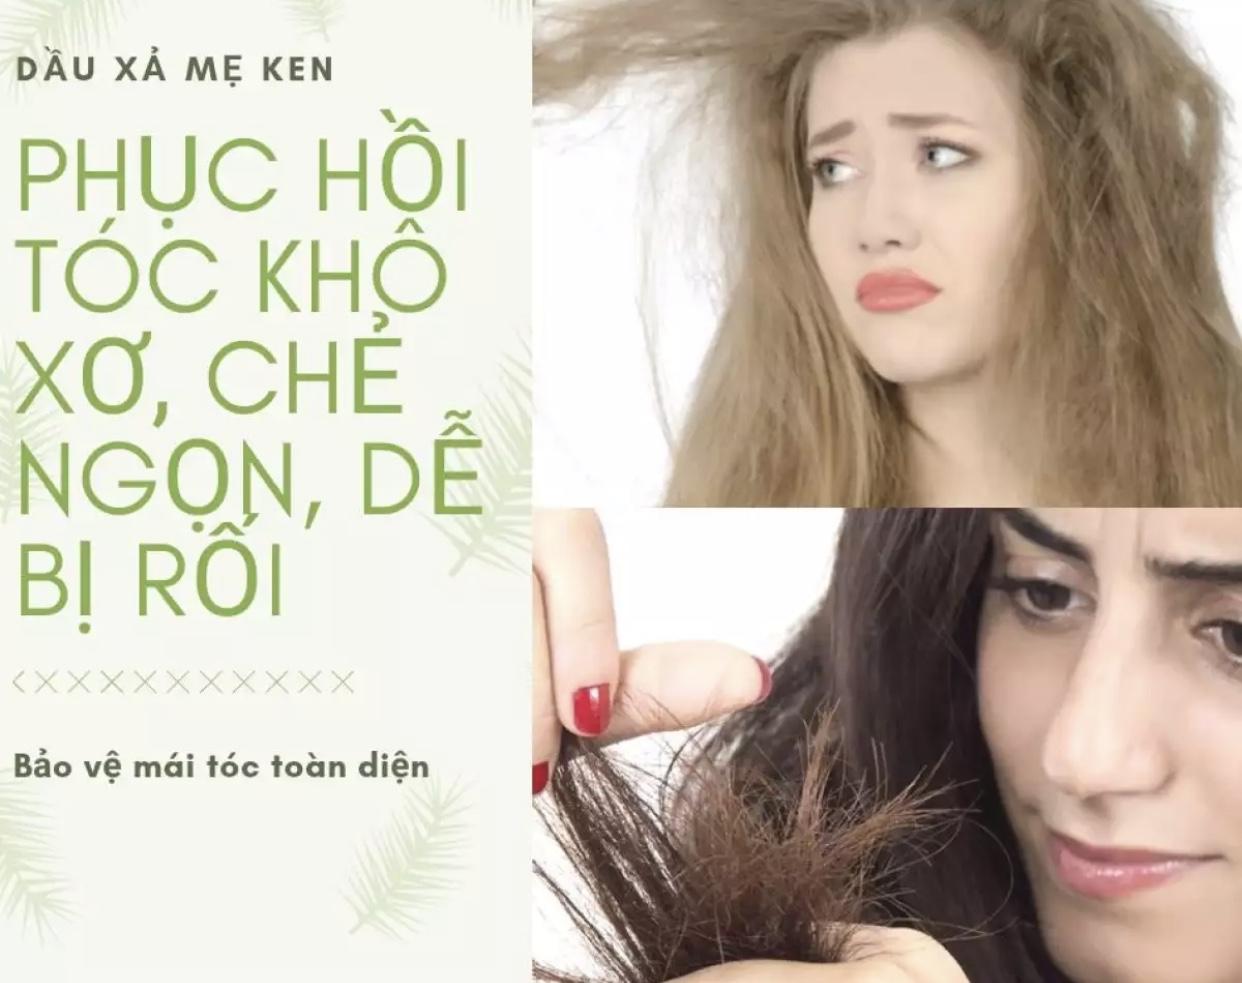 Tinh Chất Thảo Mộc Mồng Tơi Mẹ Ken - 50ml Dầu xả tóc, suôn mềm mượt tóc